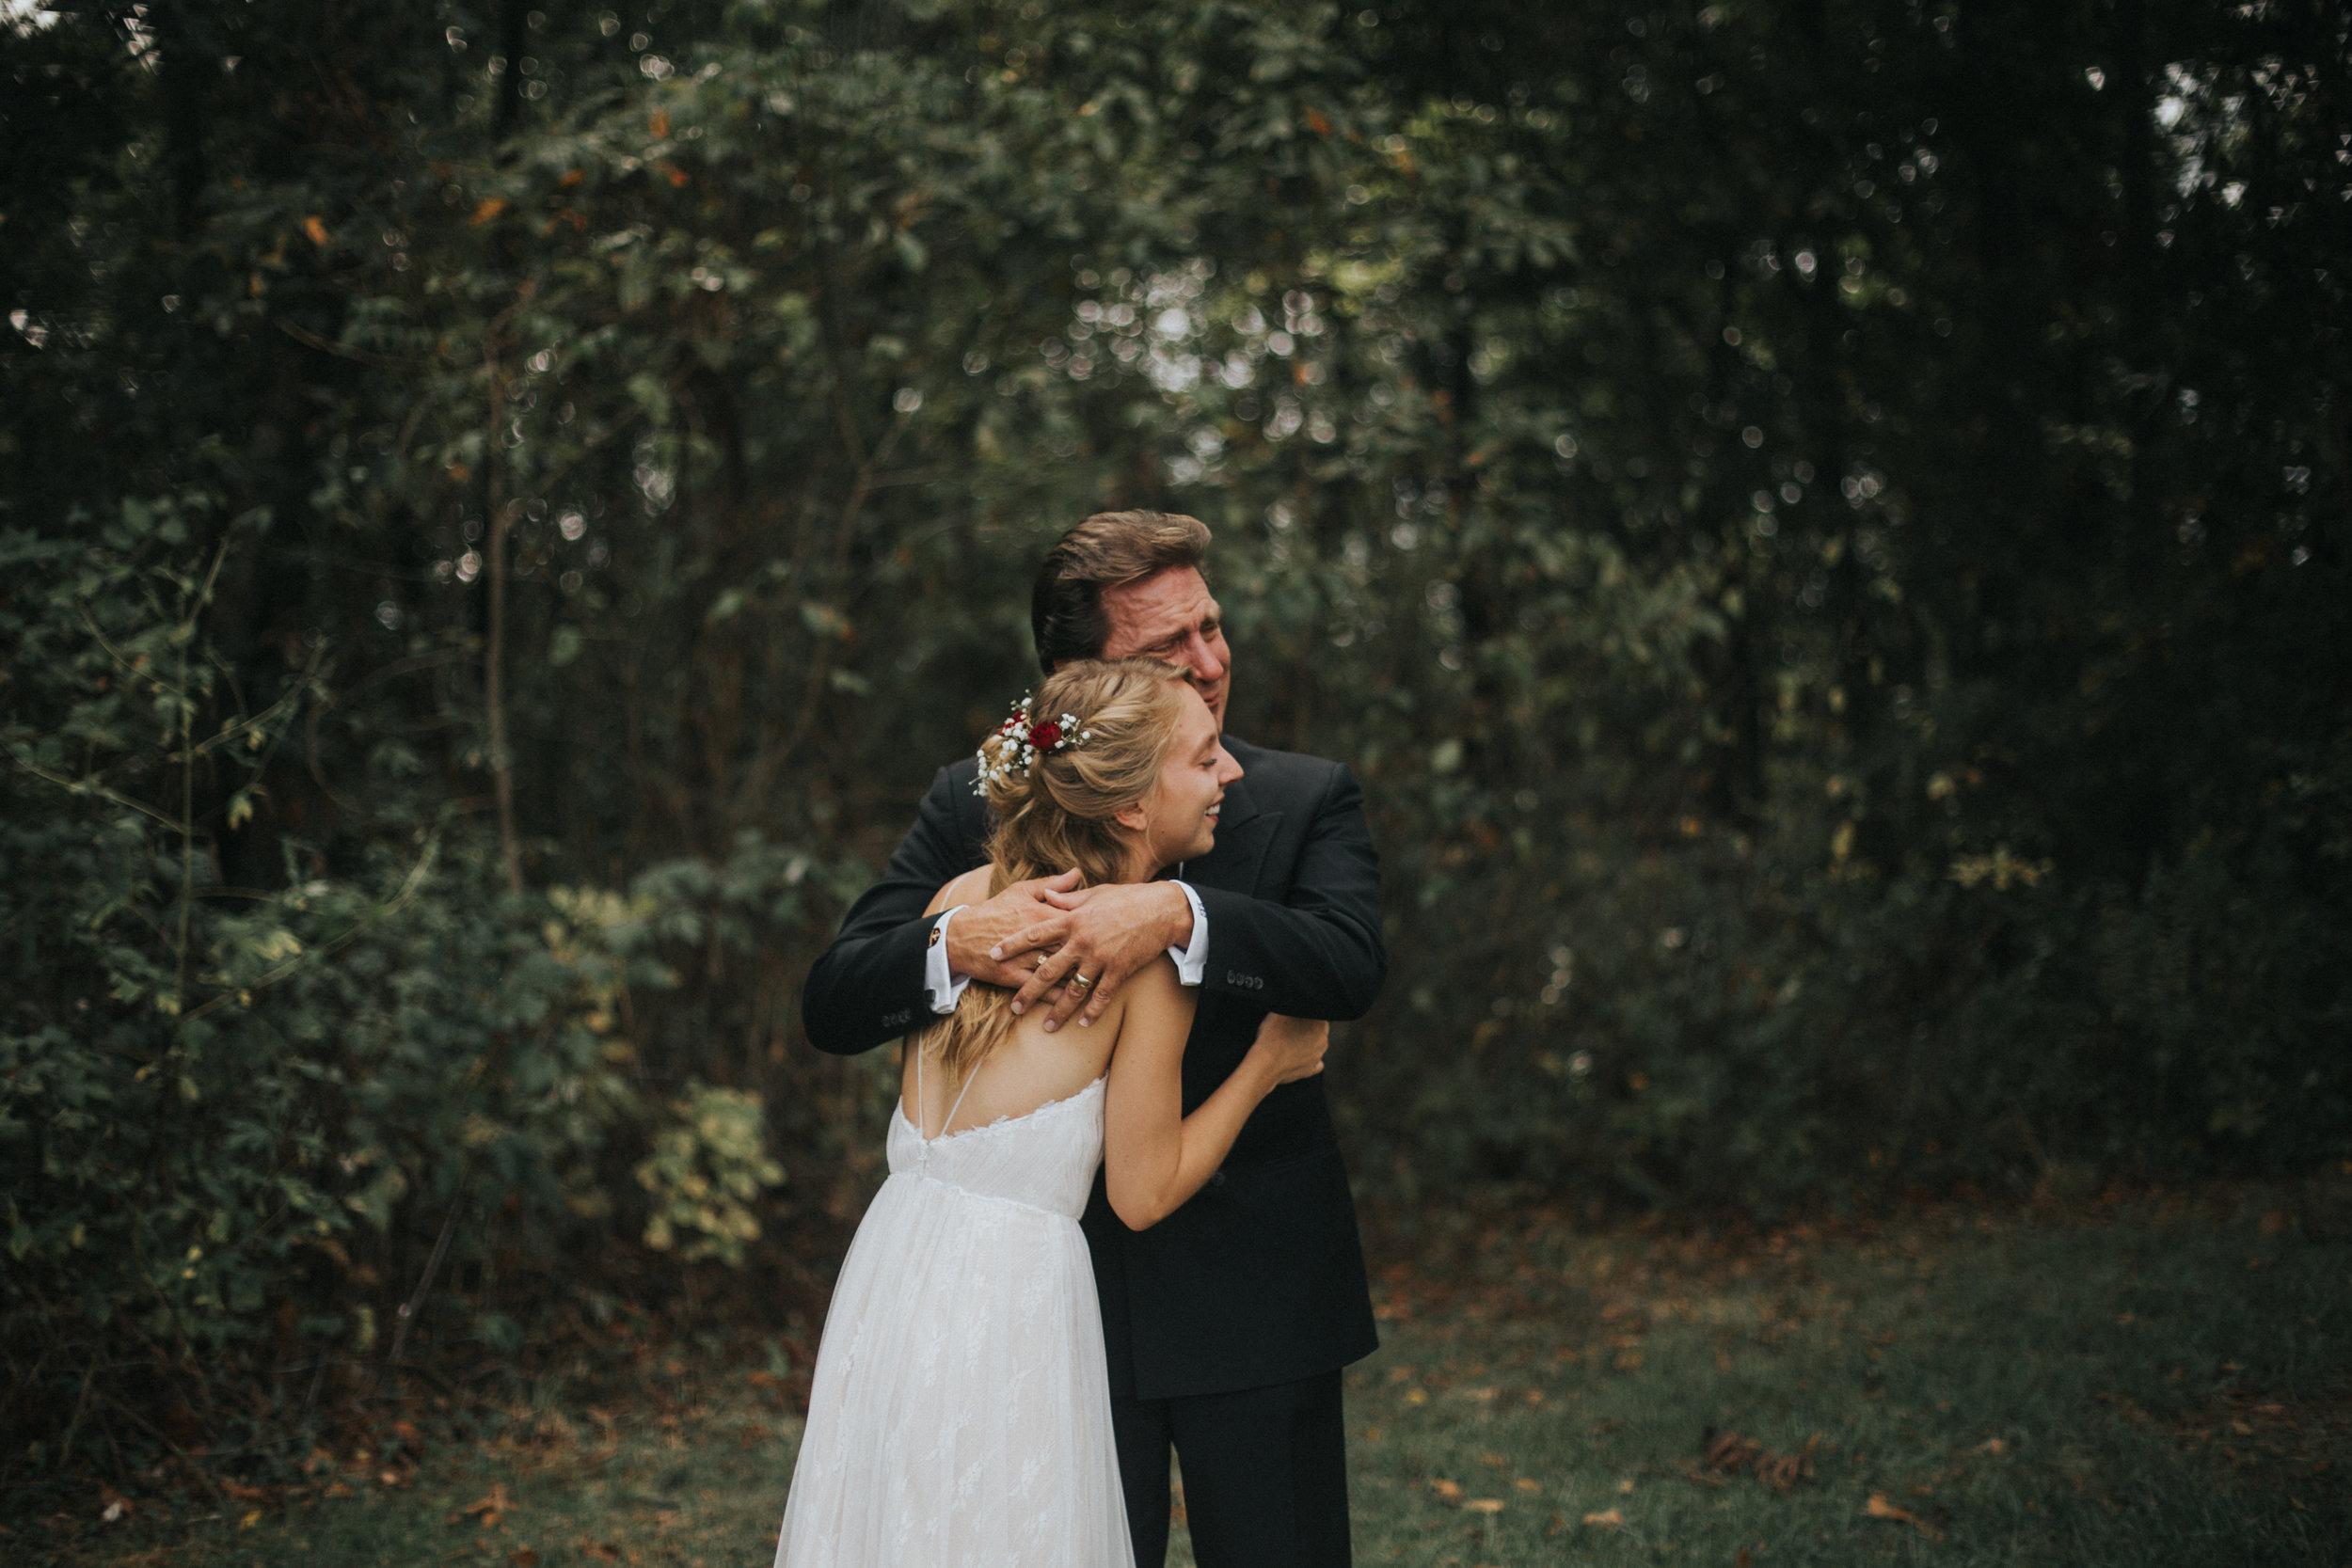 Brooke+Clayton-firstlookwithdad-45.jpg